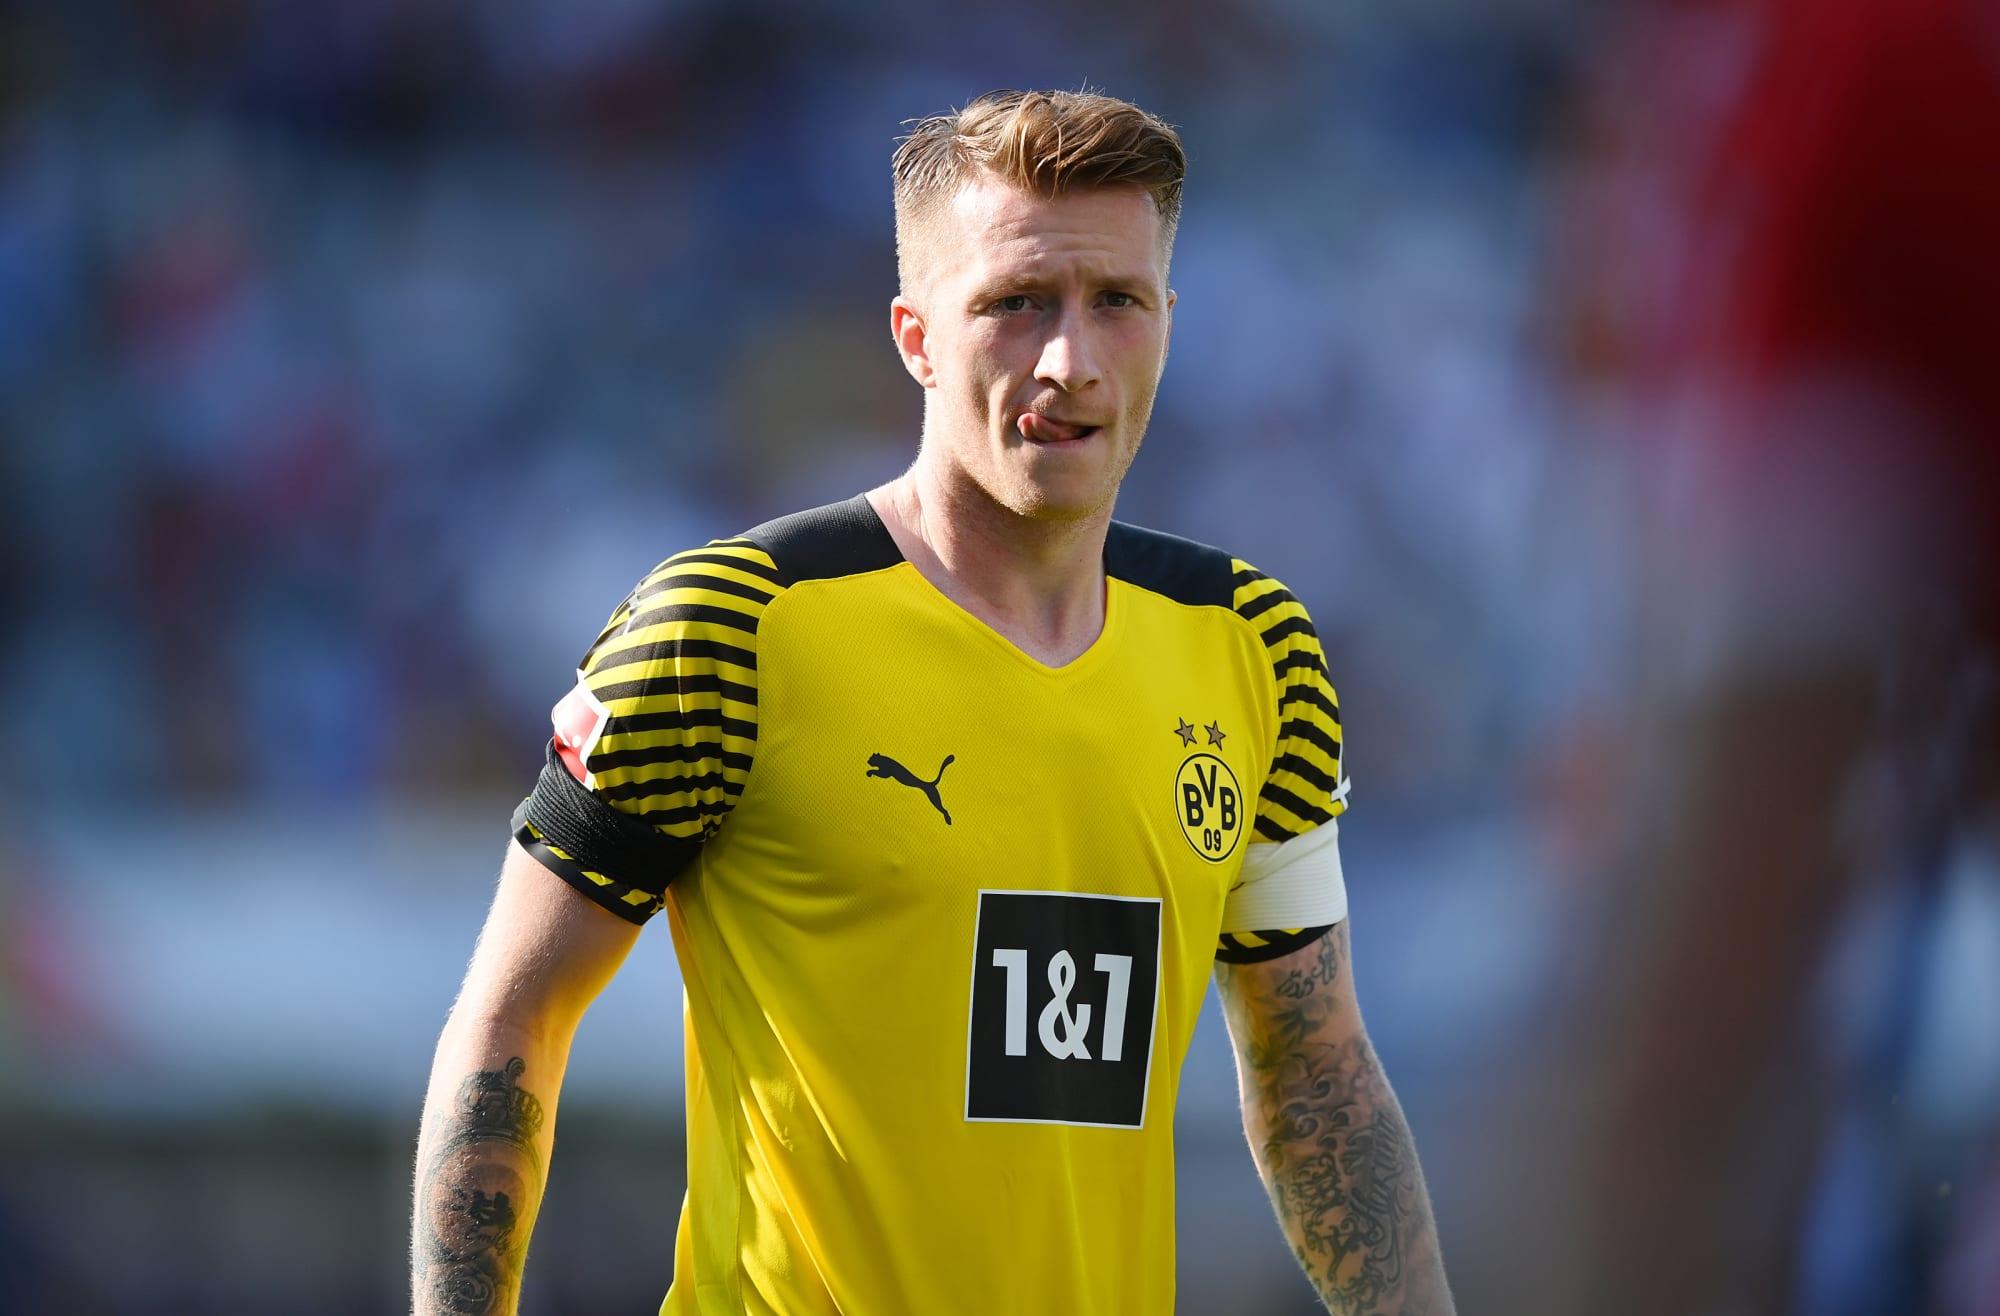 Watch Borussia Dortmund vs TSG Hoffenheim: Live stream, TV info